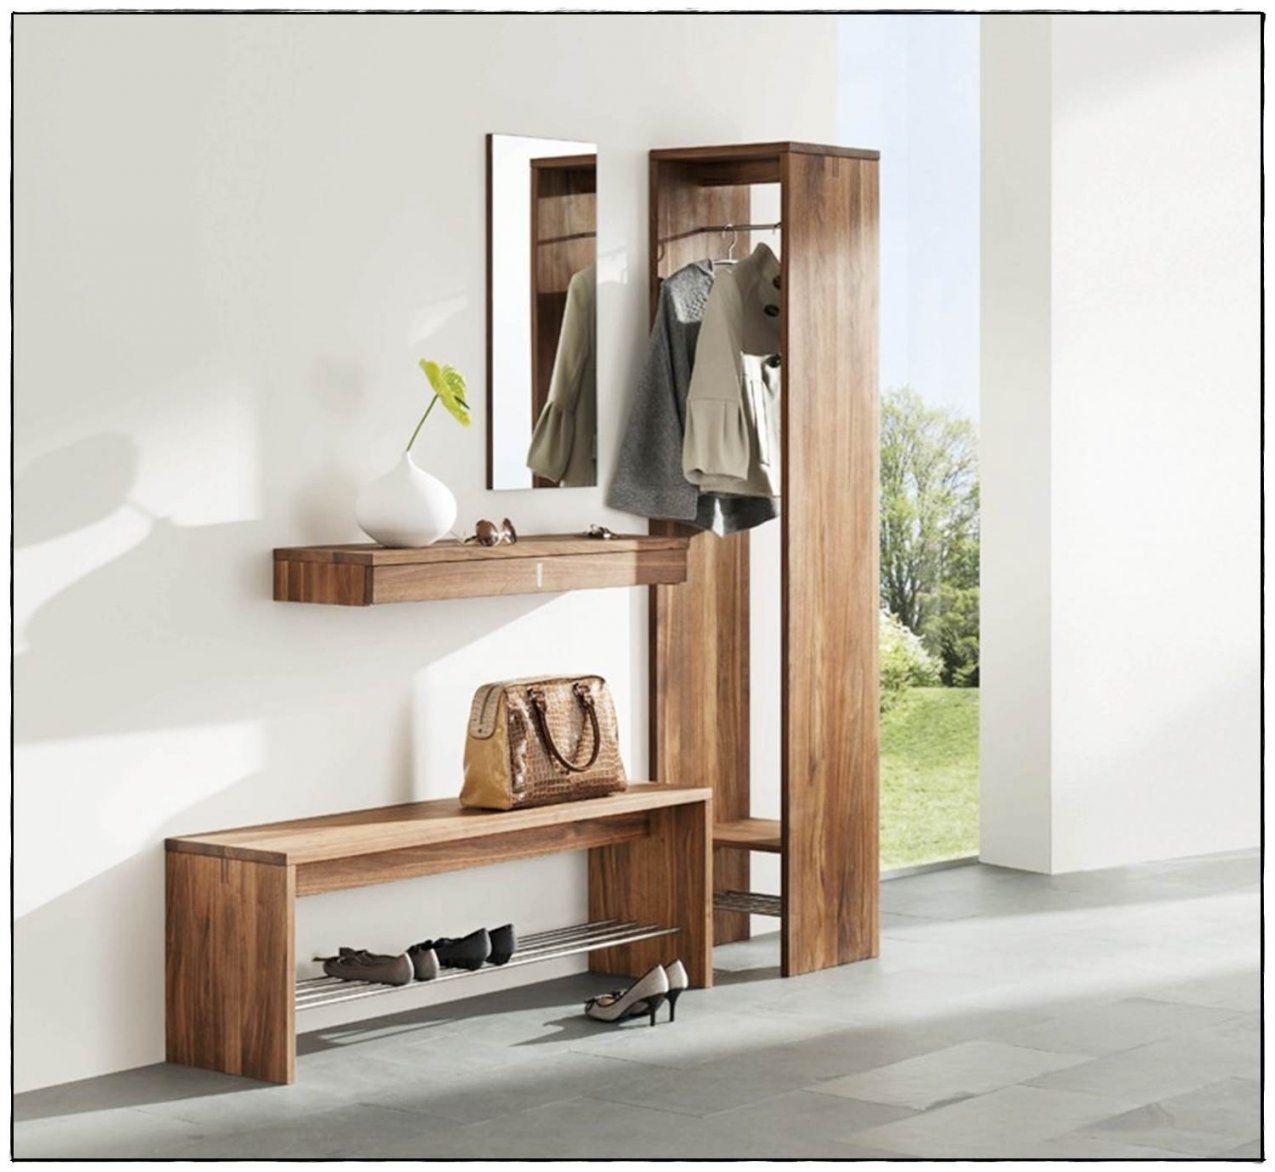 luxus ideen garderobe wenig platz sammlung von garderobe dekor 25244